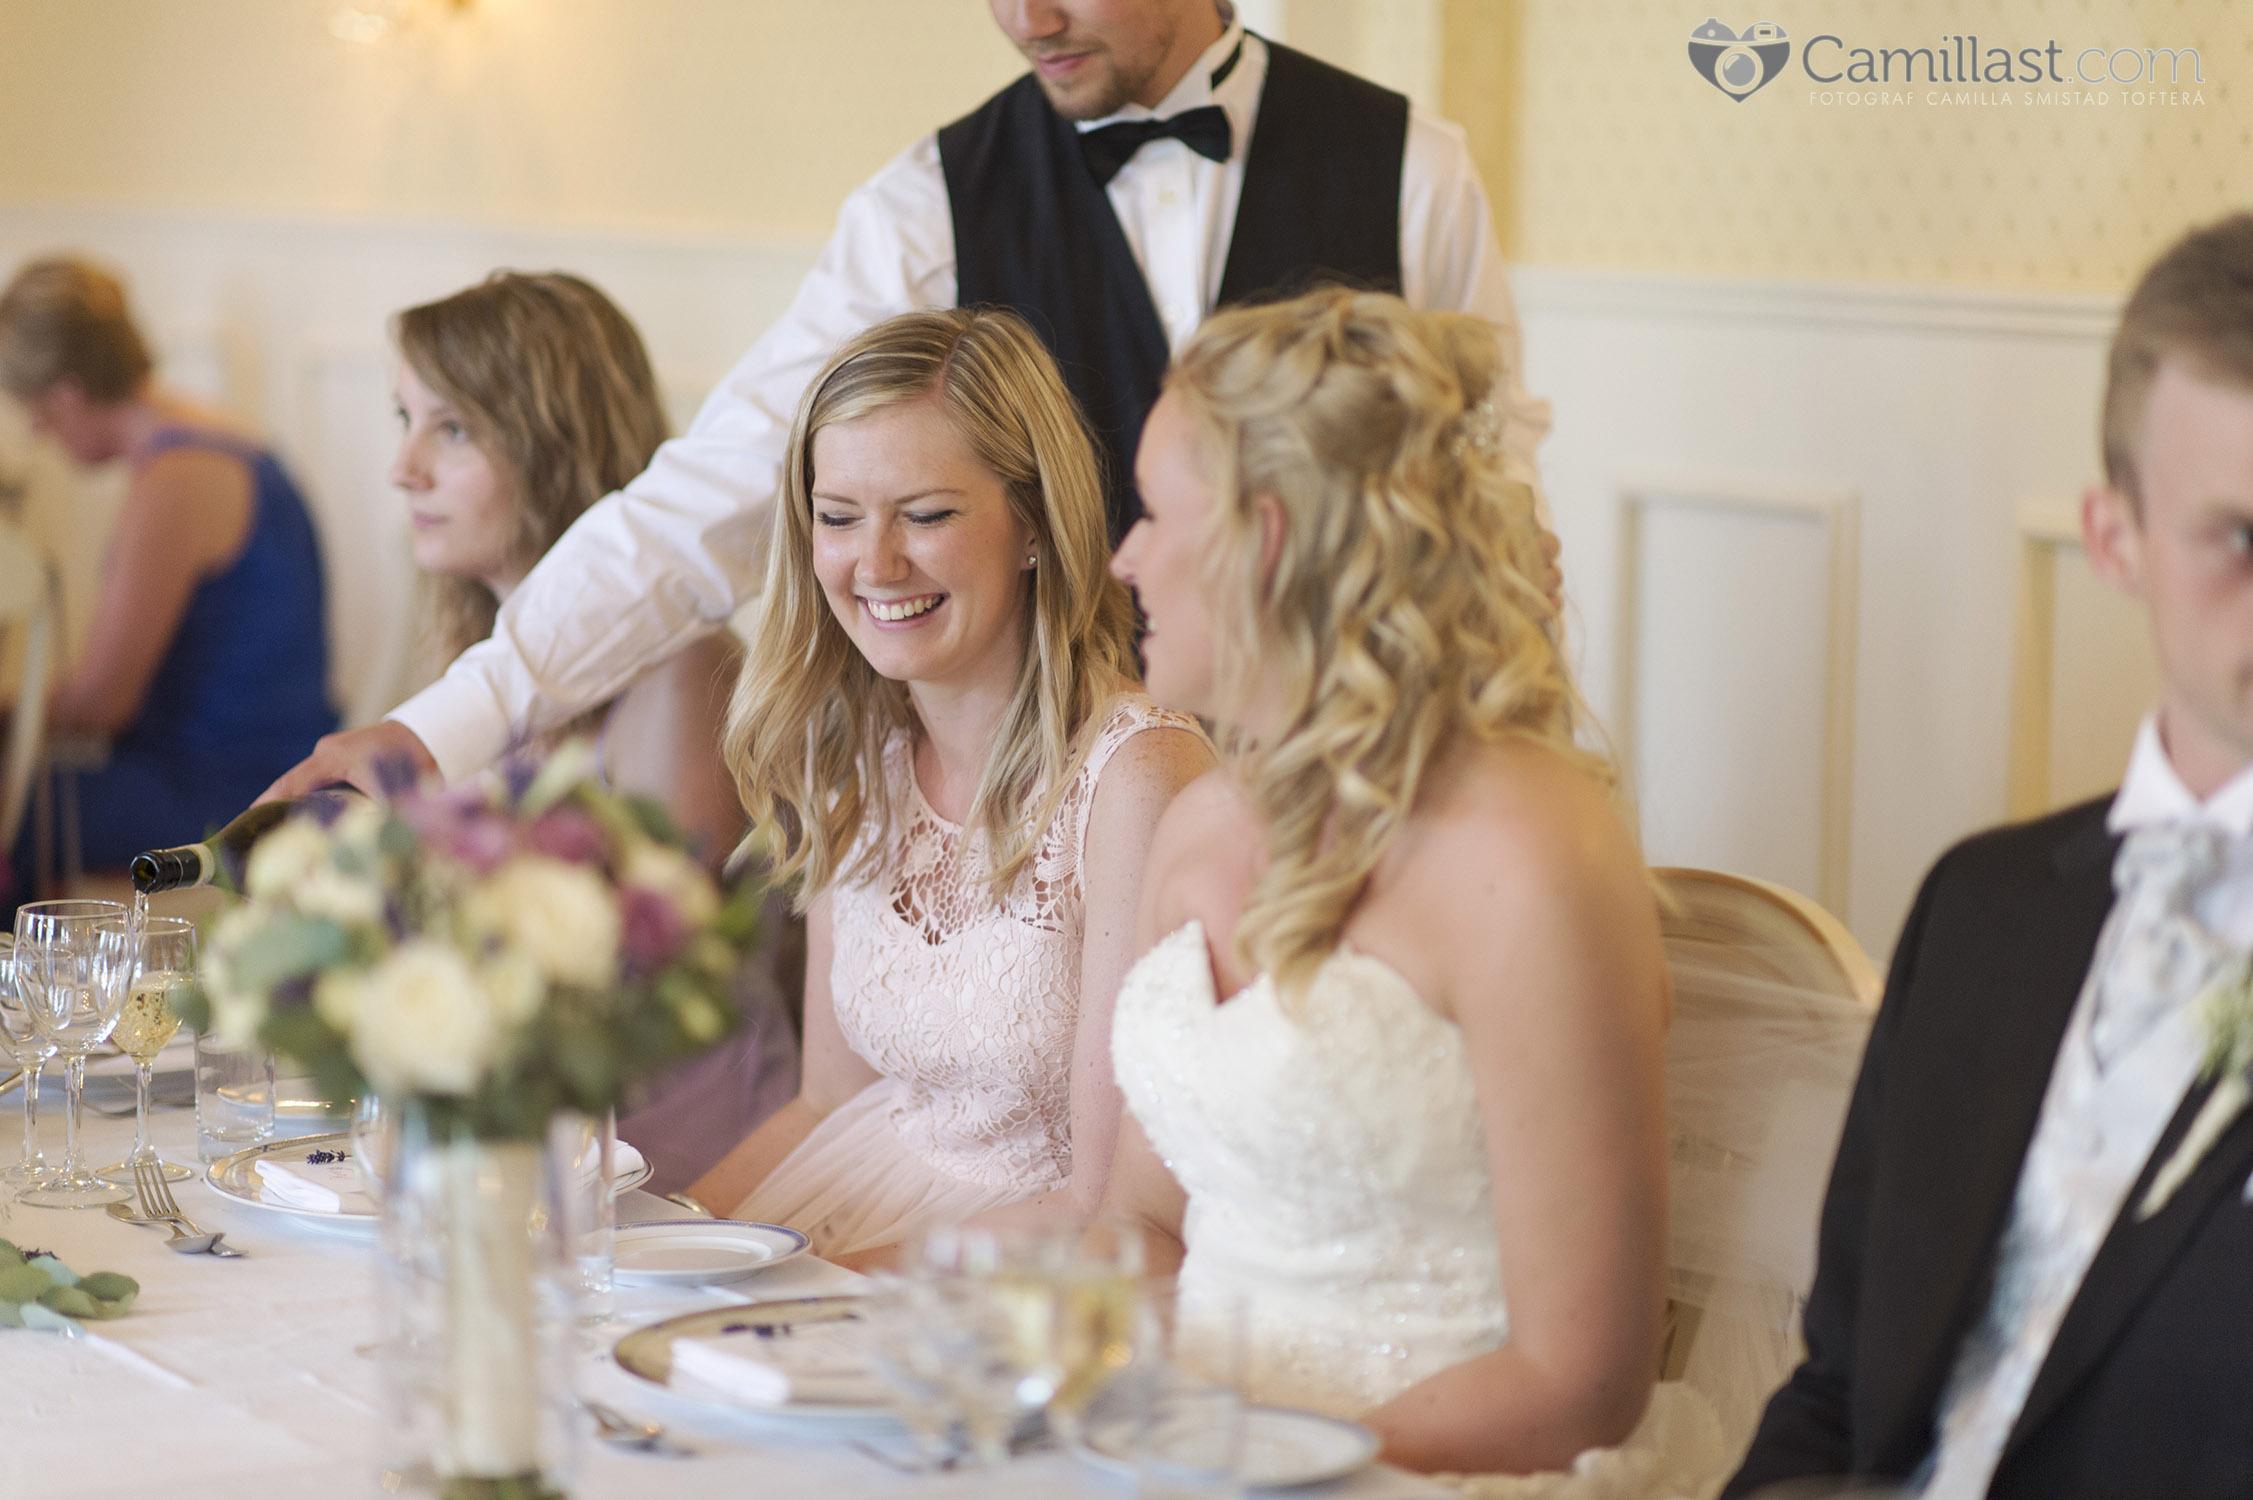 Bryllup Camilla Henrik 20150704Fotograf CamillaST333 copy.jpg